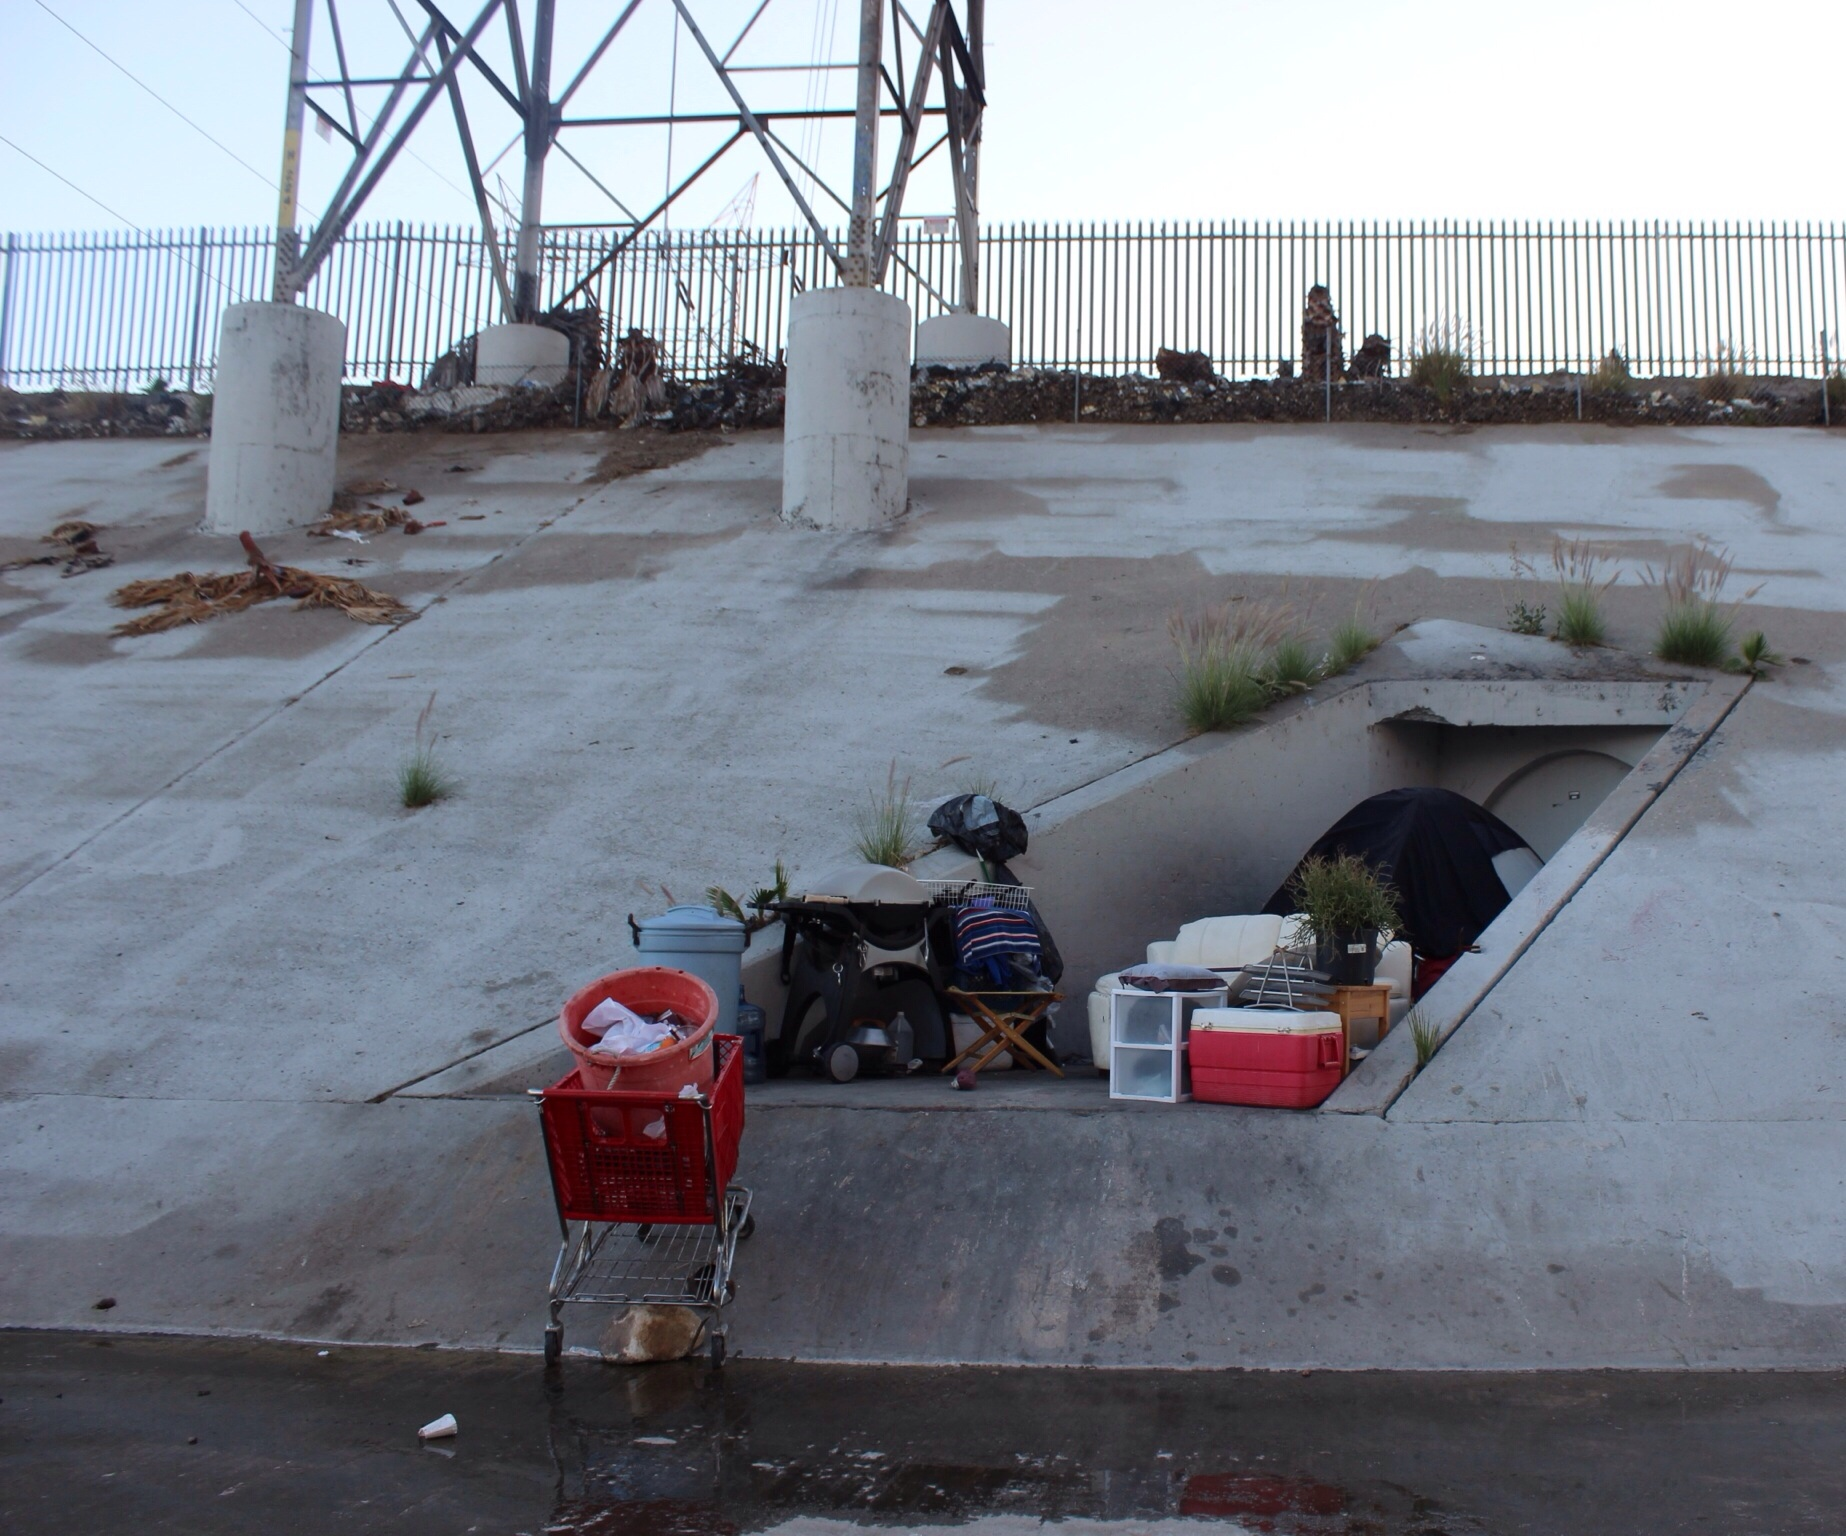 gustavo_ortega._homeless.jpg